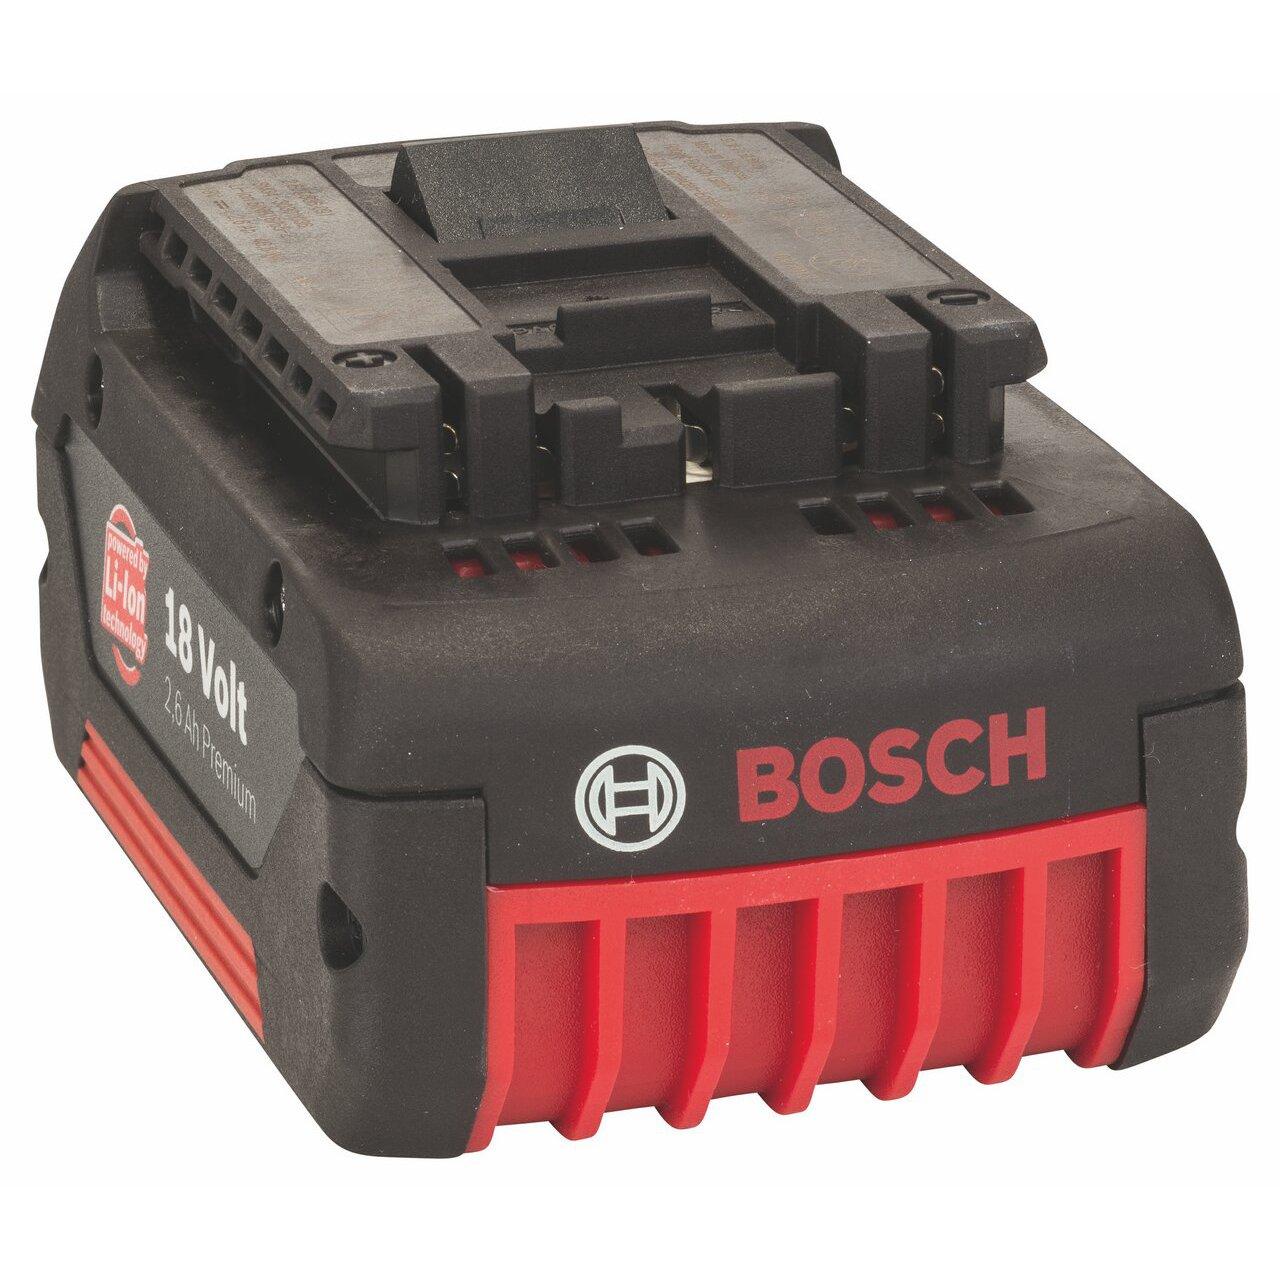 Bosch Professional 2607336092 Akku 18V LiIon 2,6Ah Einschubakku  BaumarktBewertungen und Beschreibung